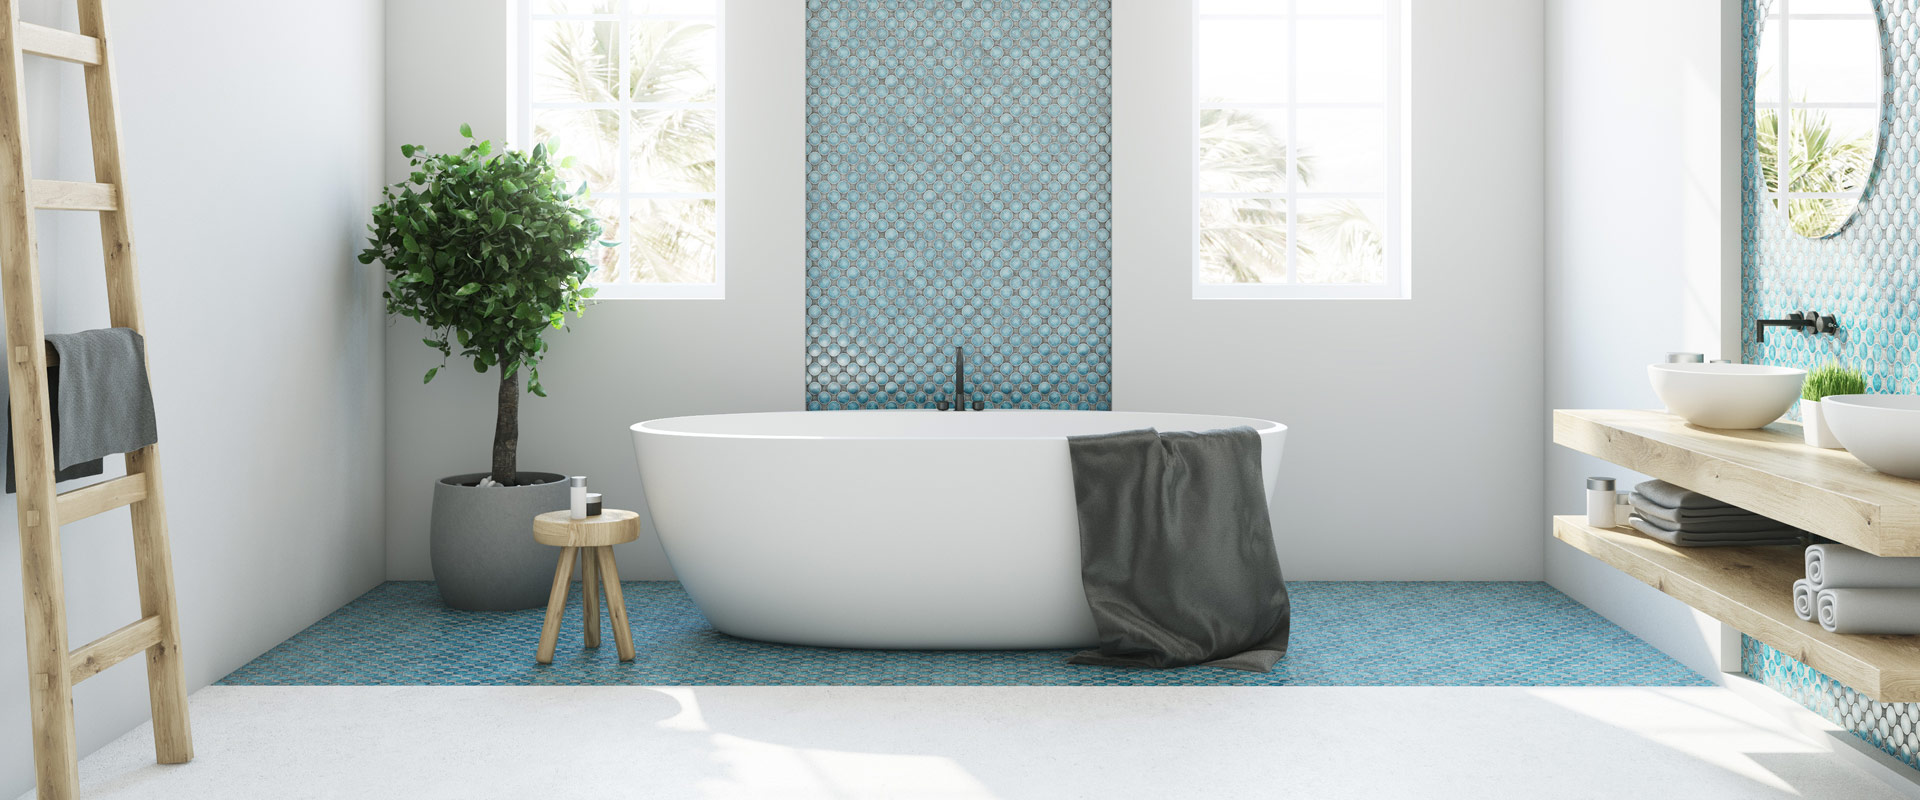 badezimmer-slider-2